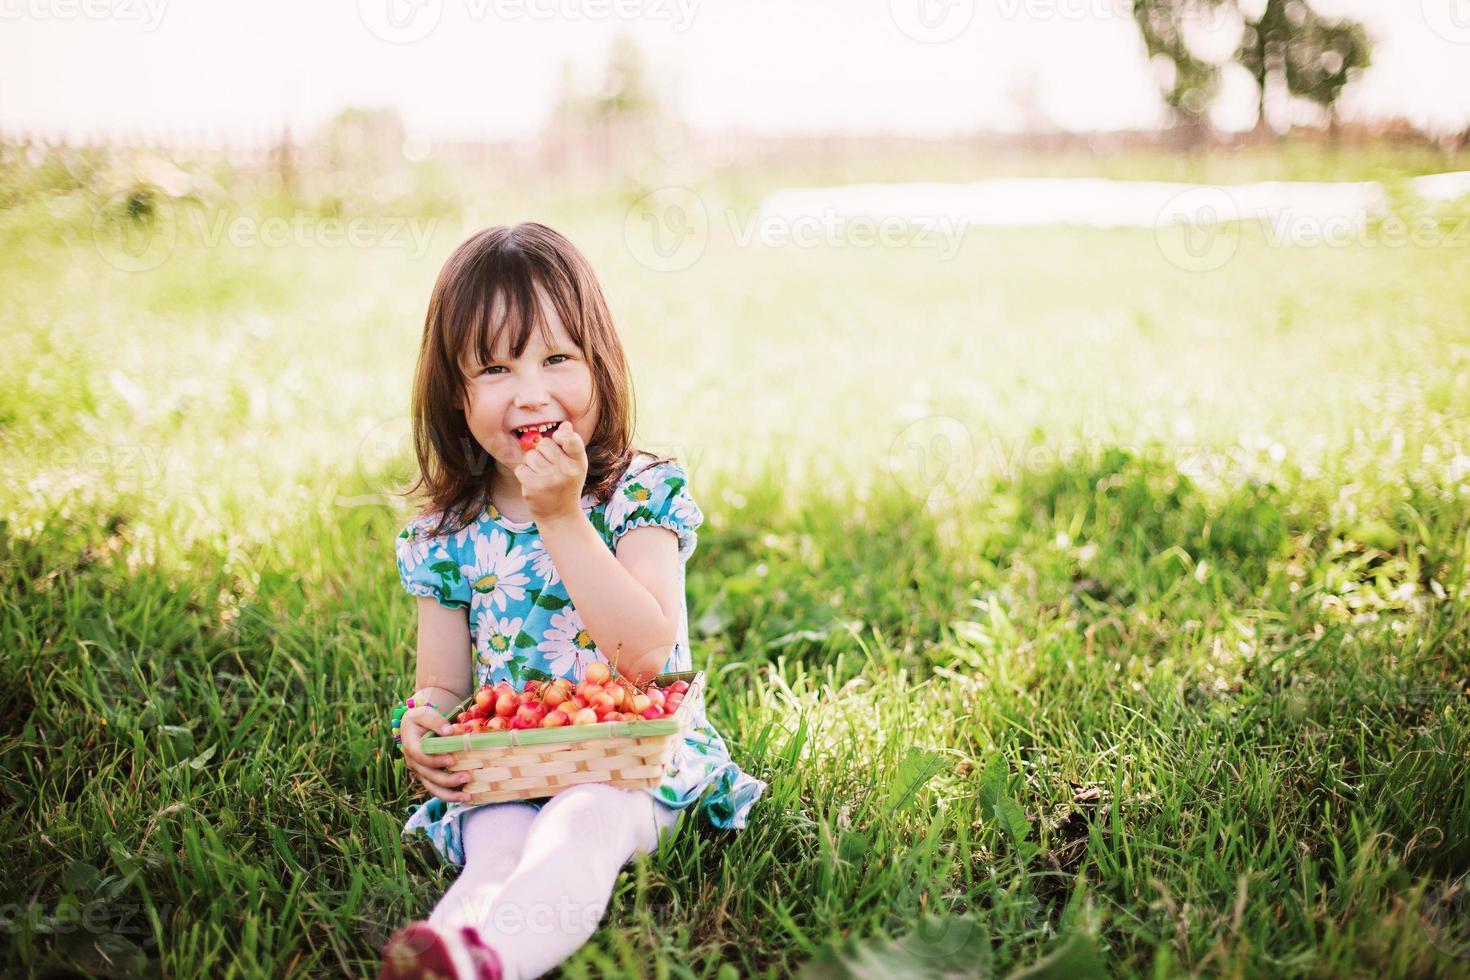 niñita. foto